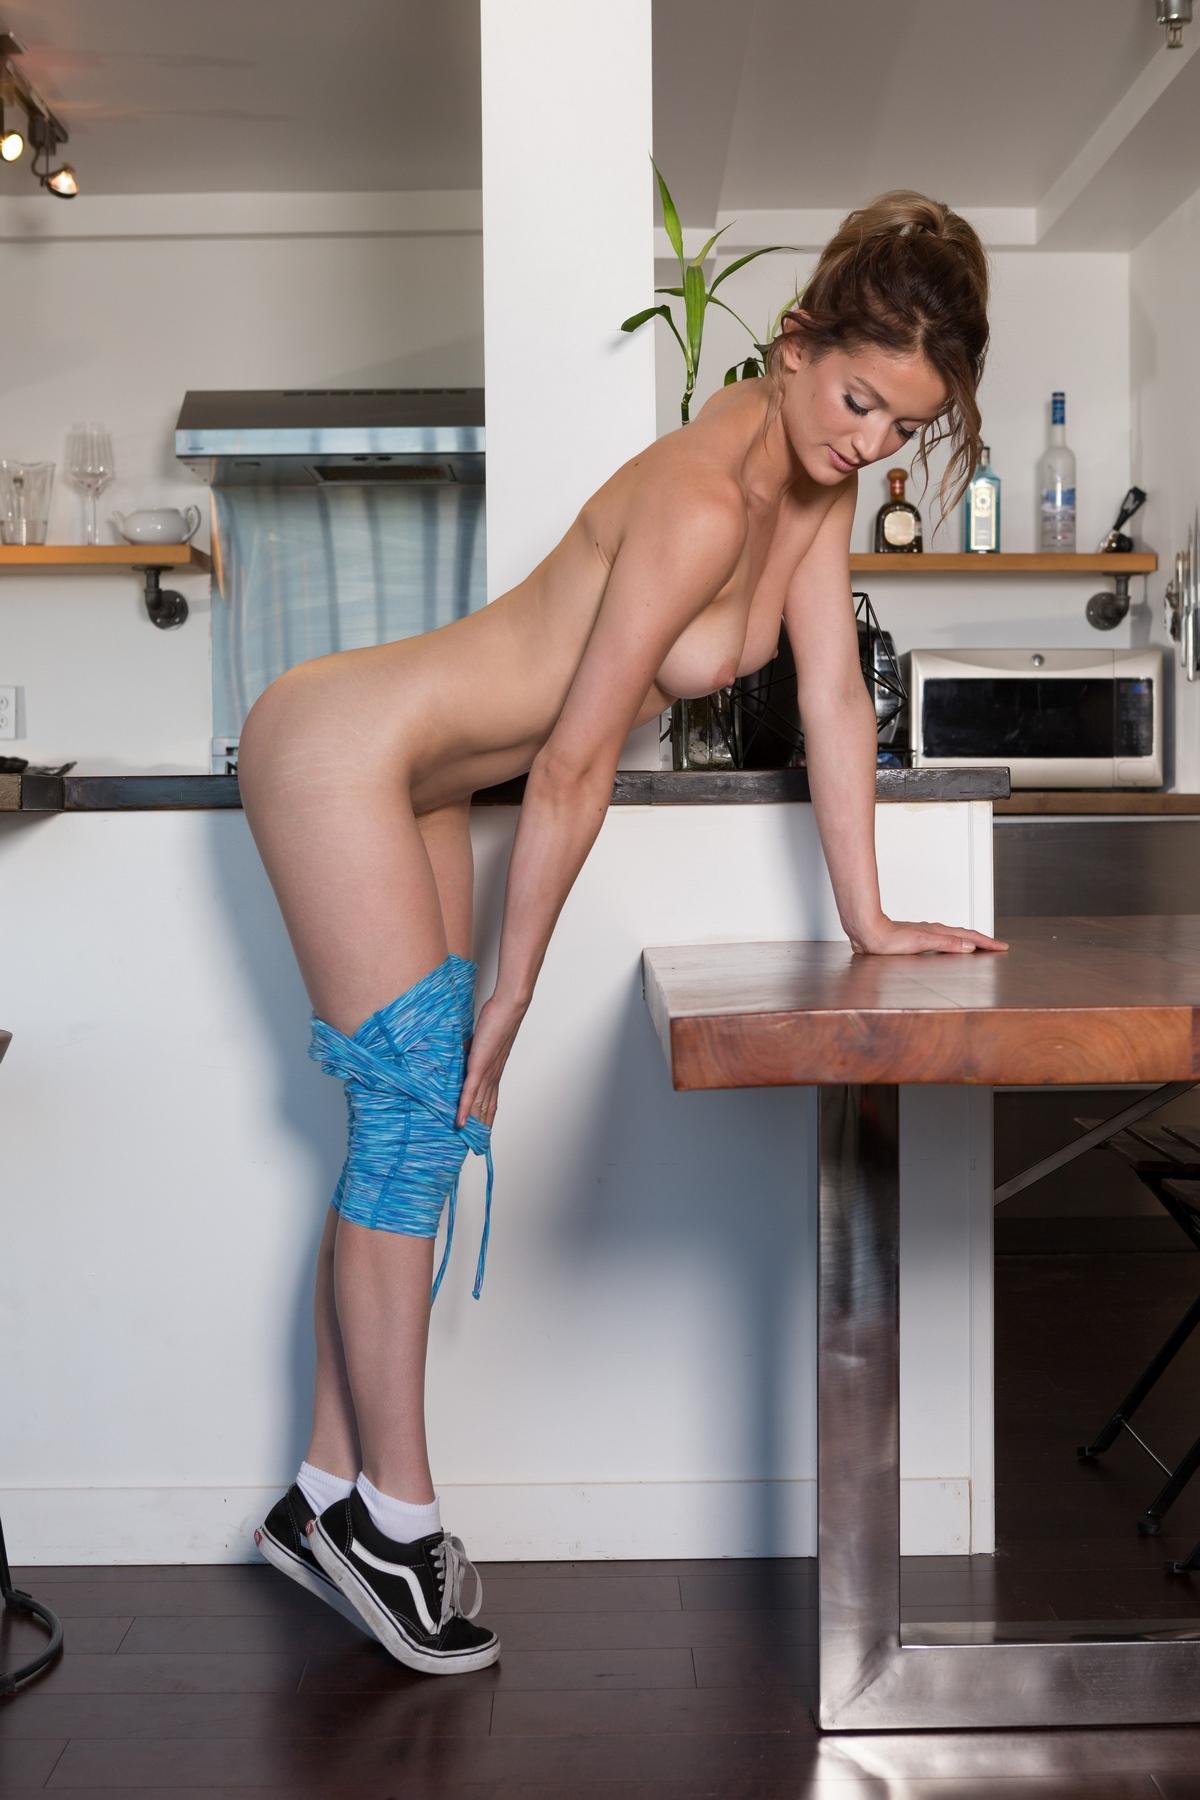 Обнаженная гимнастка снимается на столике